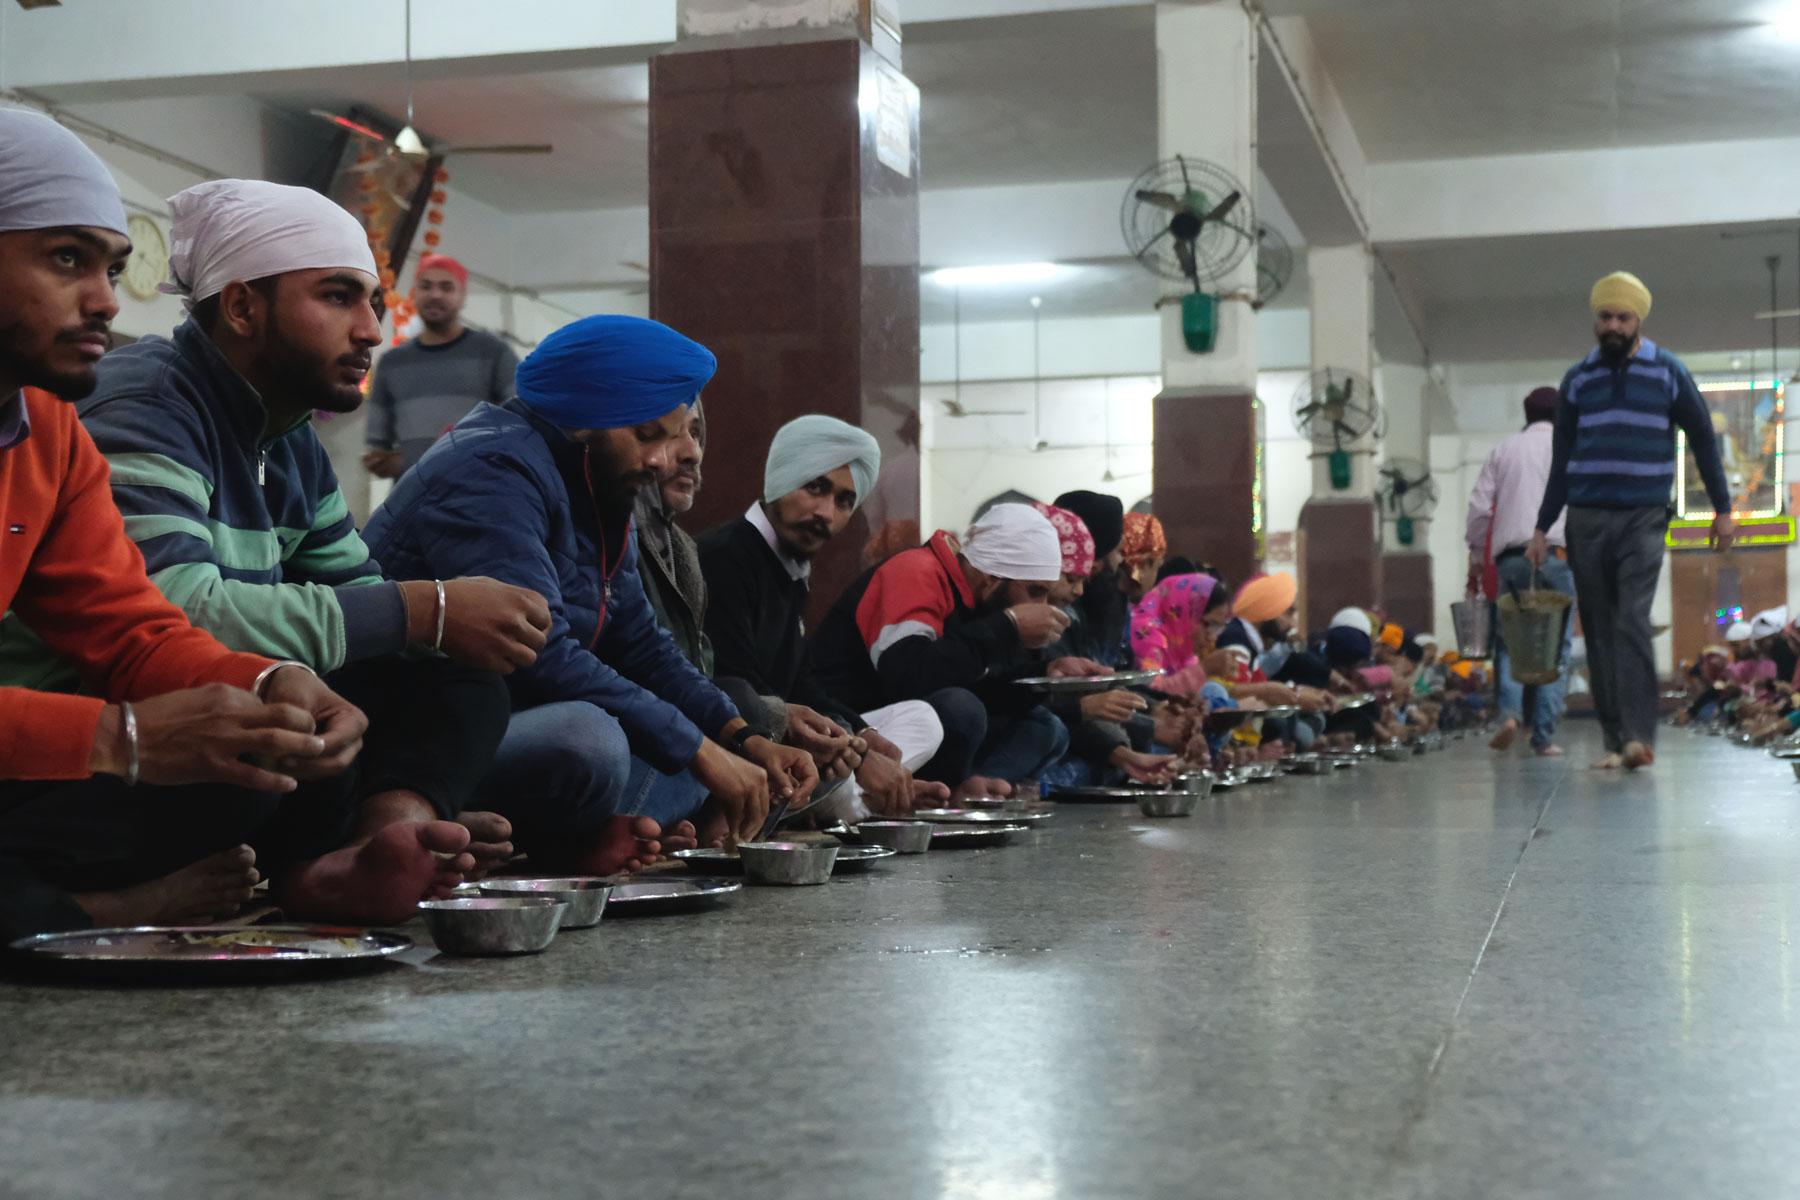 In langen Reihen sitzend nehmen die Tempel-Besucher ihr Essen zu sich